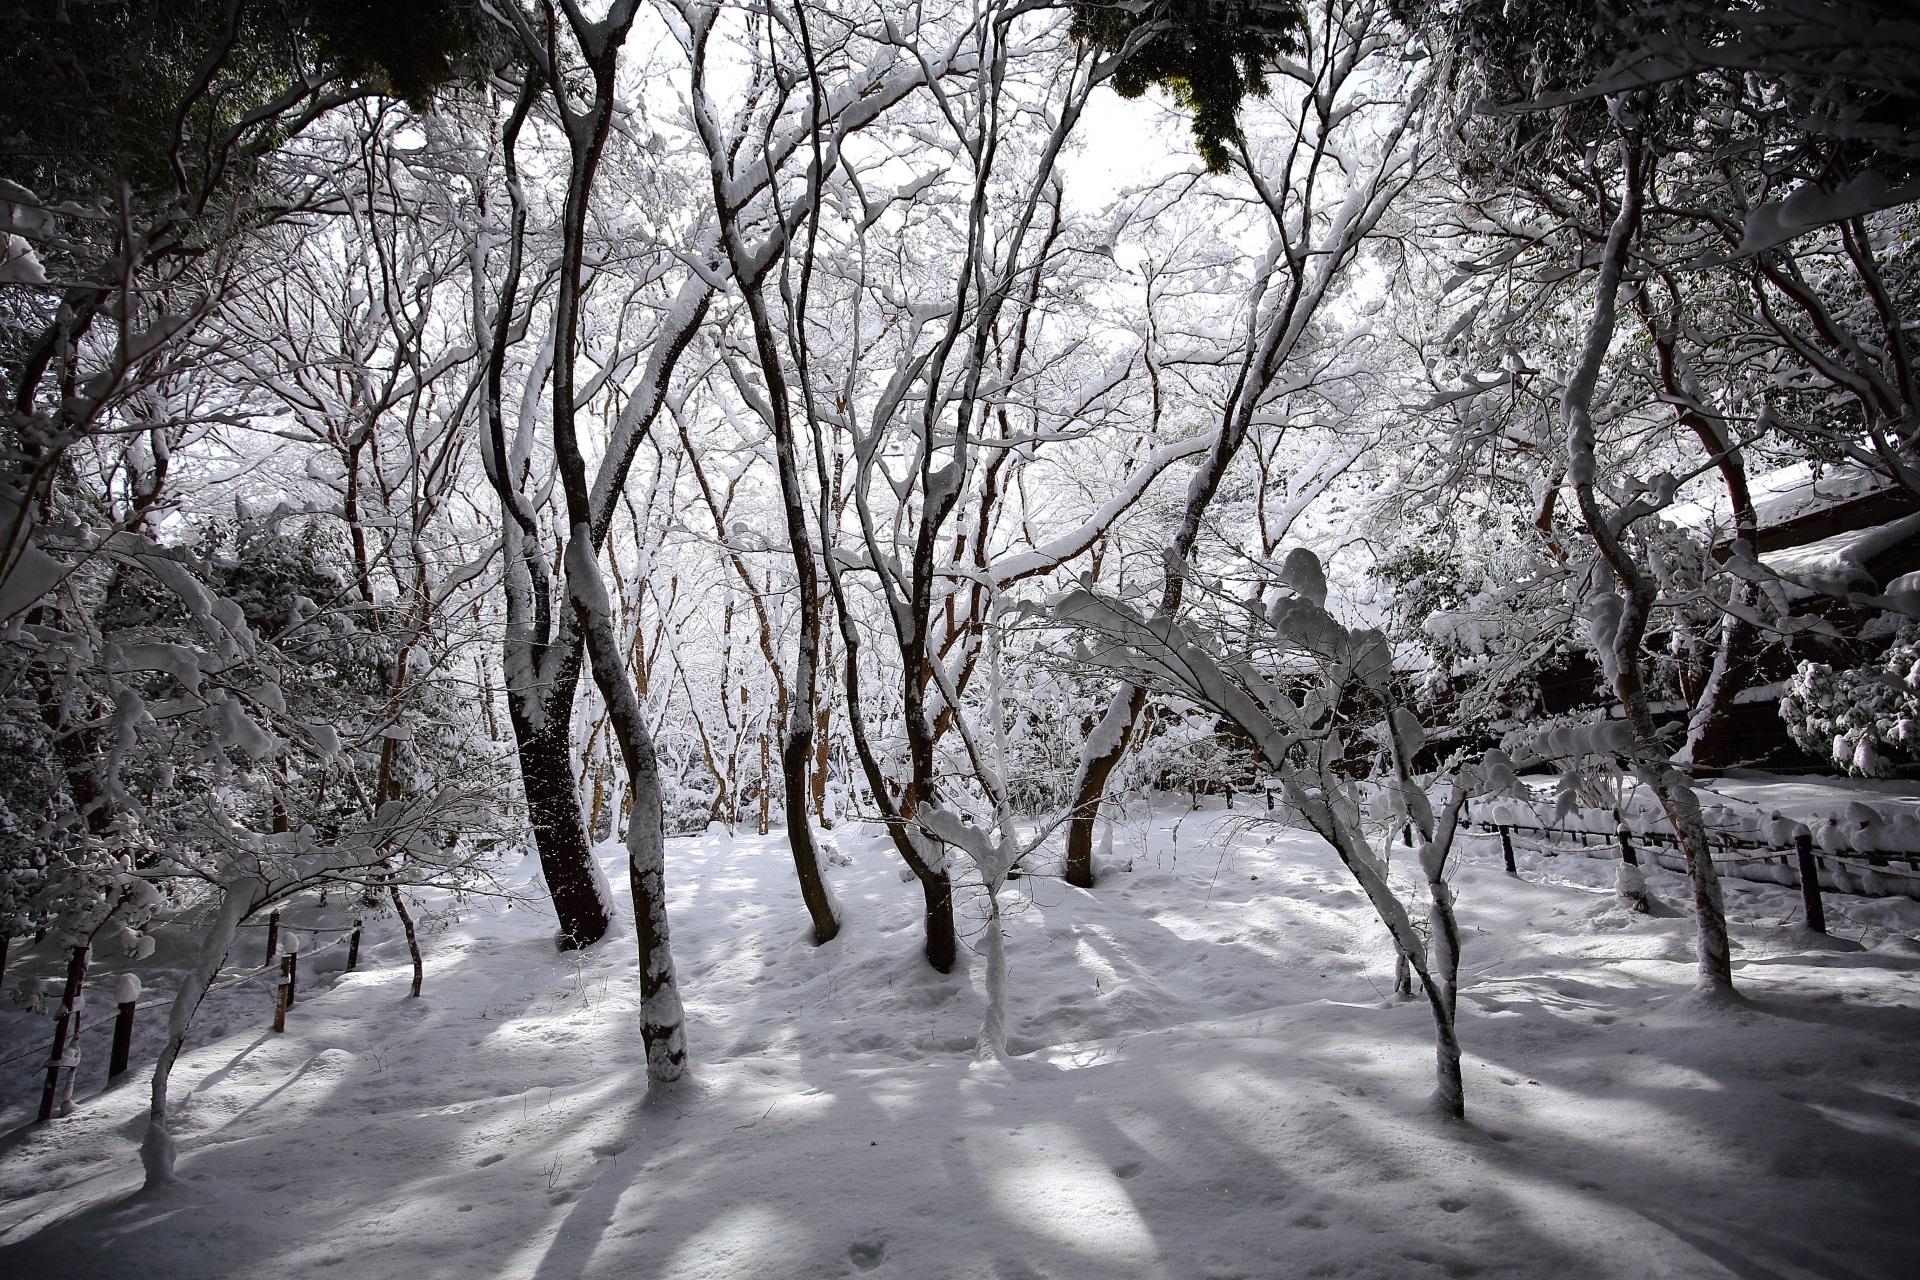 祇王寺の見事な木漏れ日の雪景色